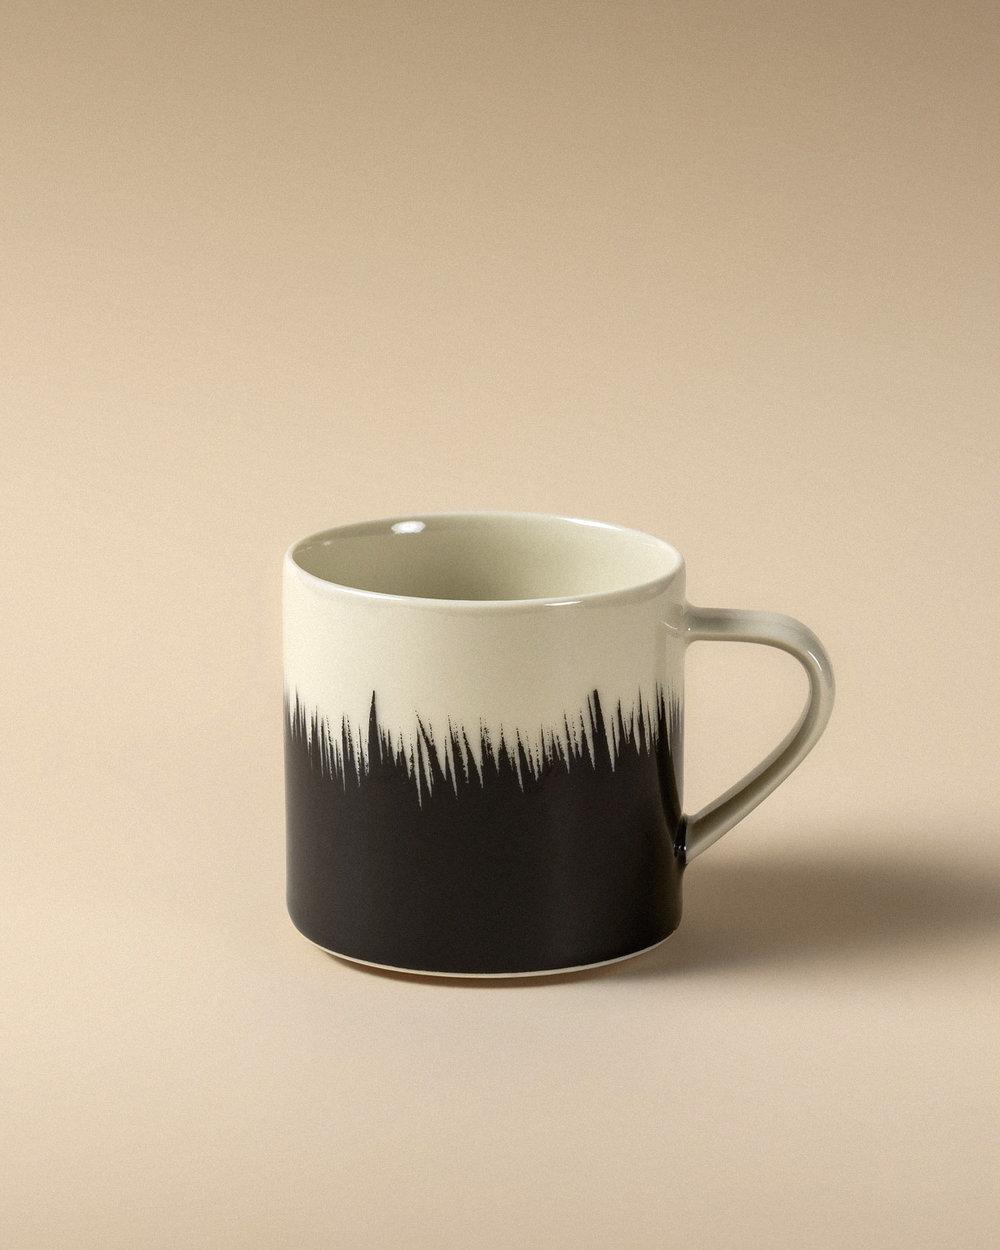 pensel-coffee-cup-1-pp.jpg